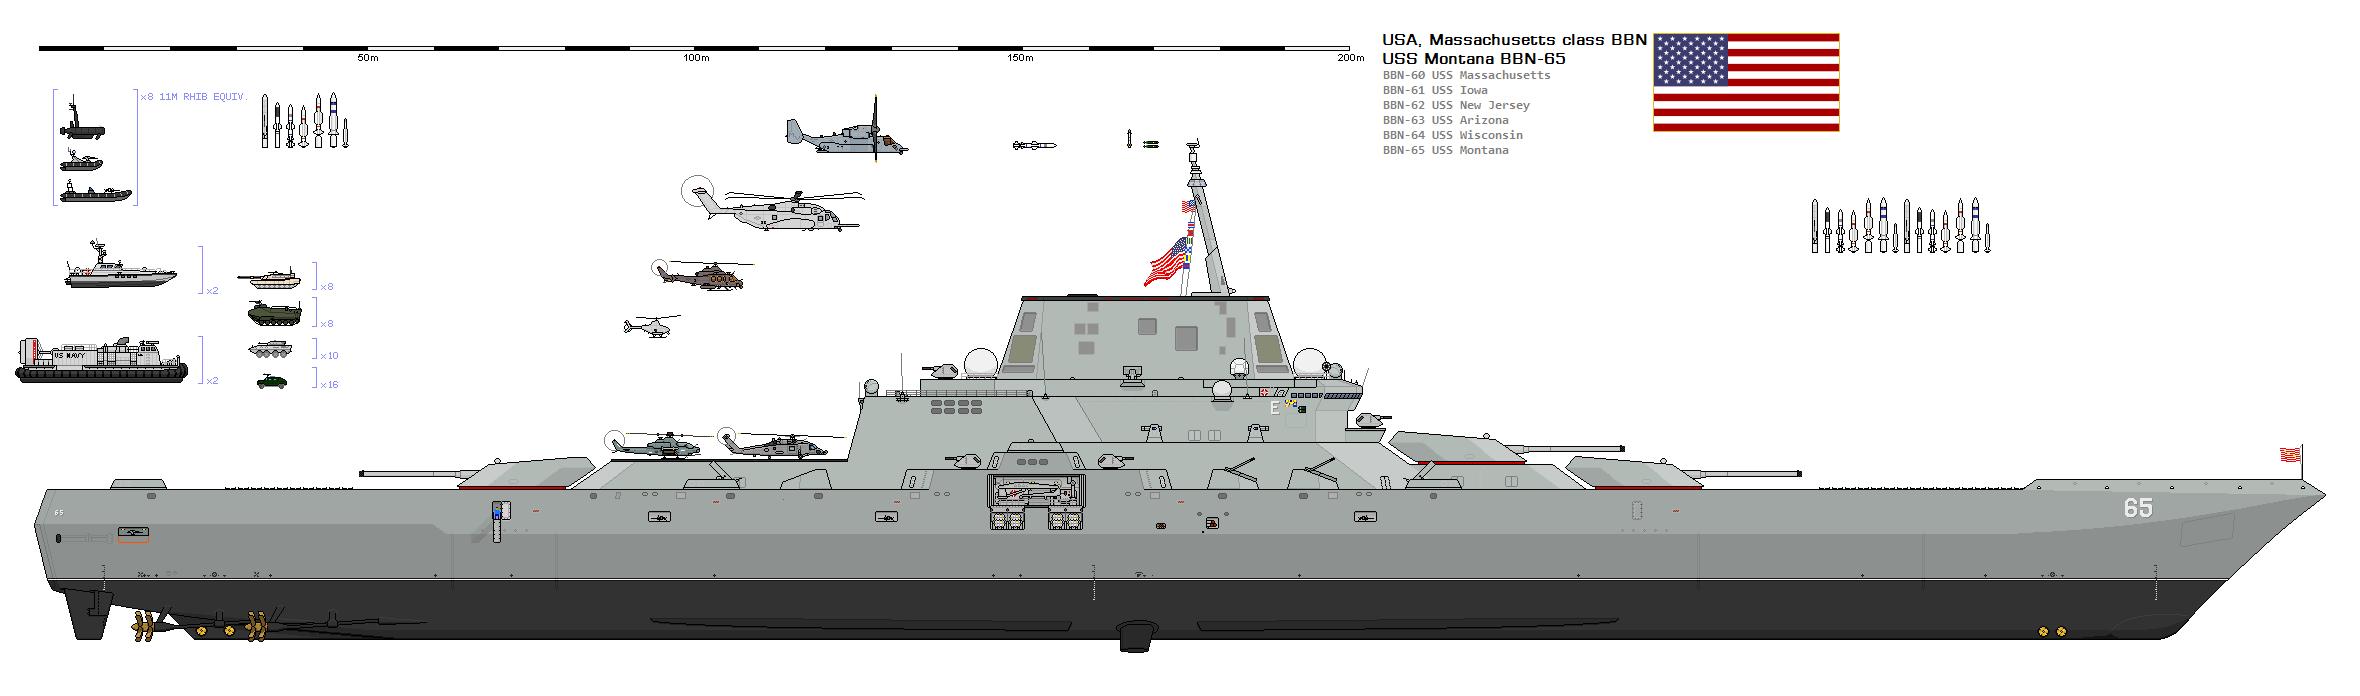 Modern Battleship Concept BBN-65 USS Montana by SILVER ... Modern Us Battleship Design